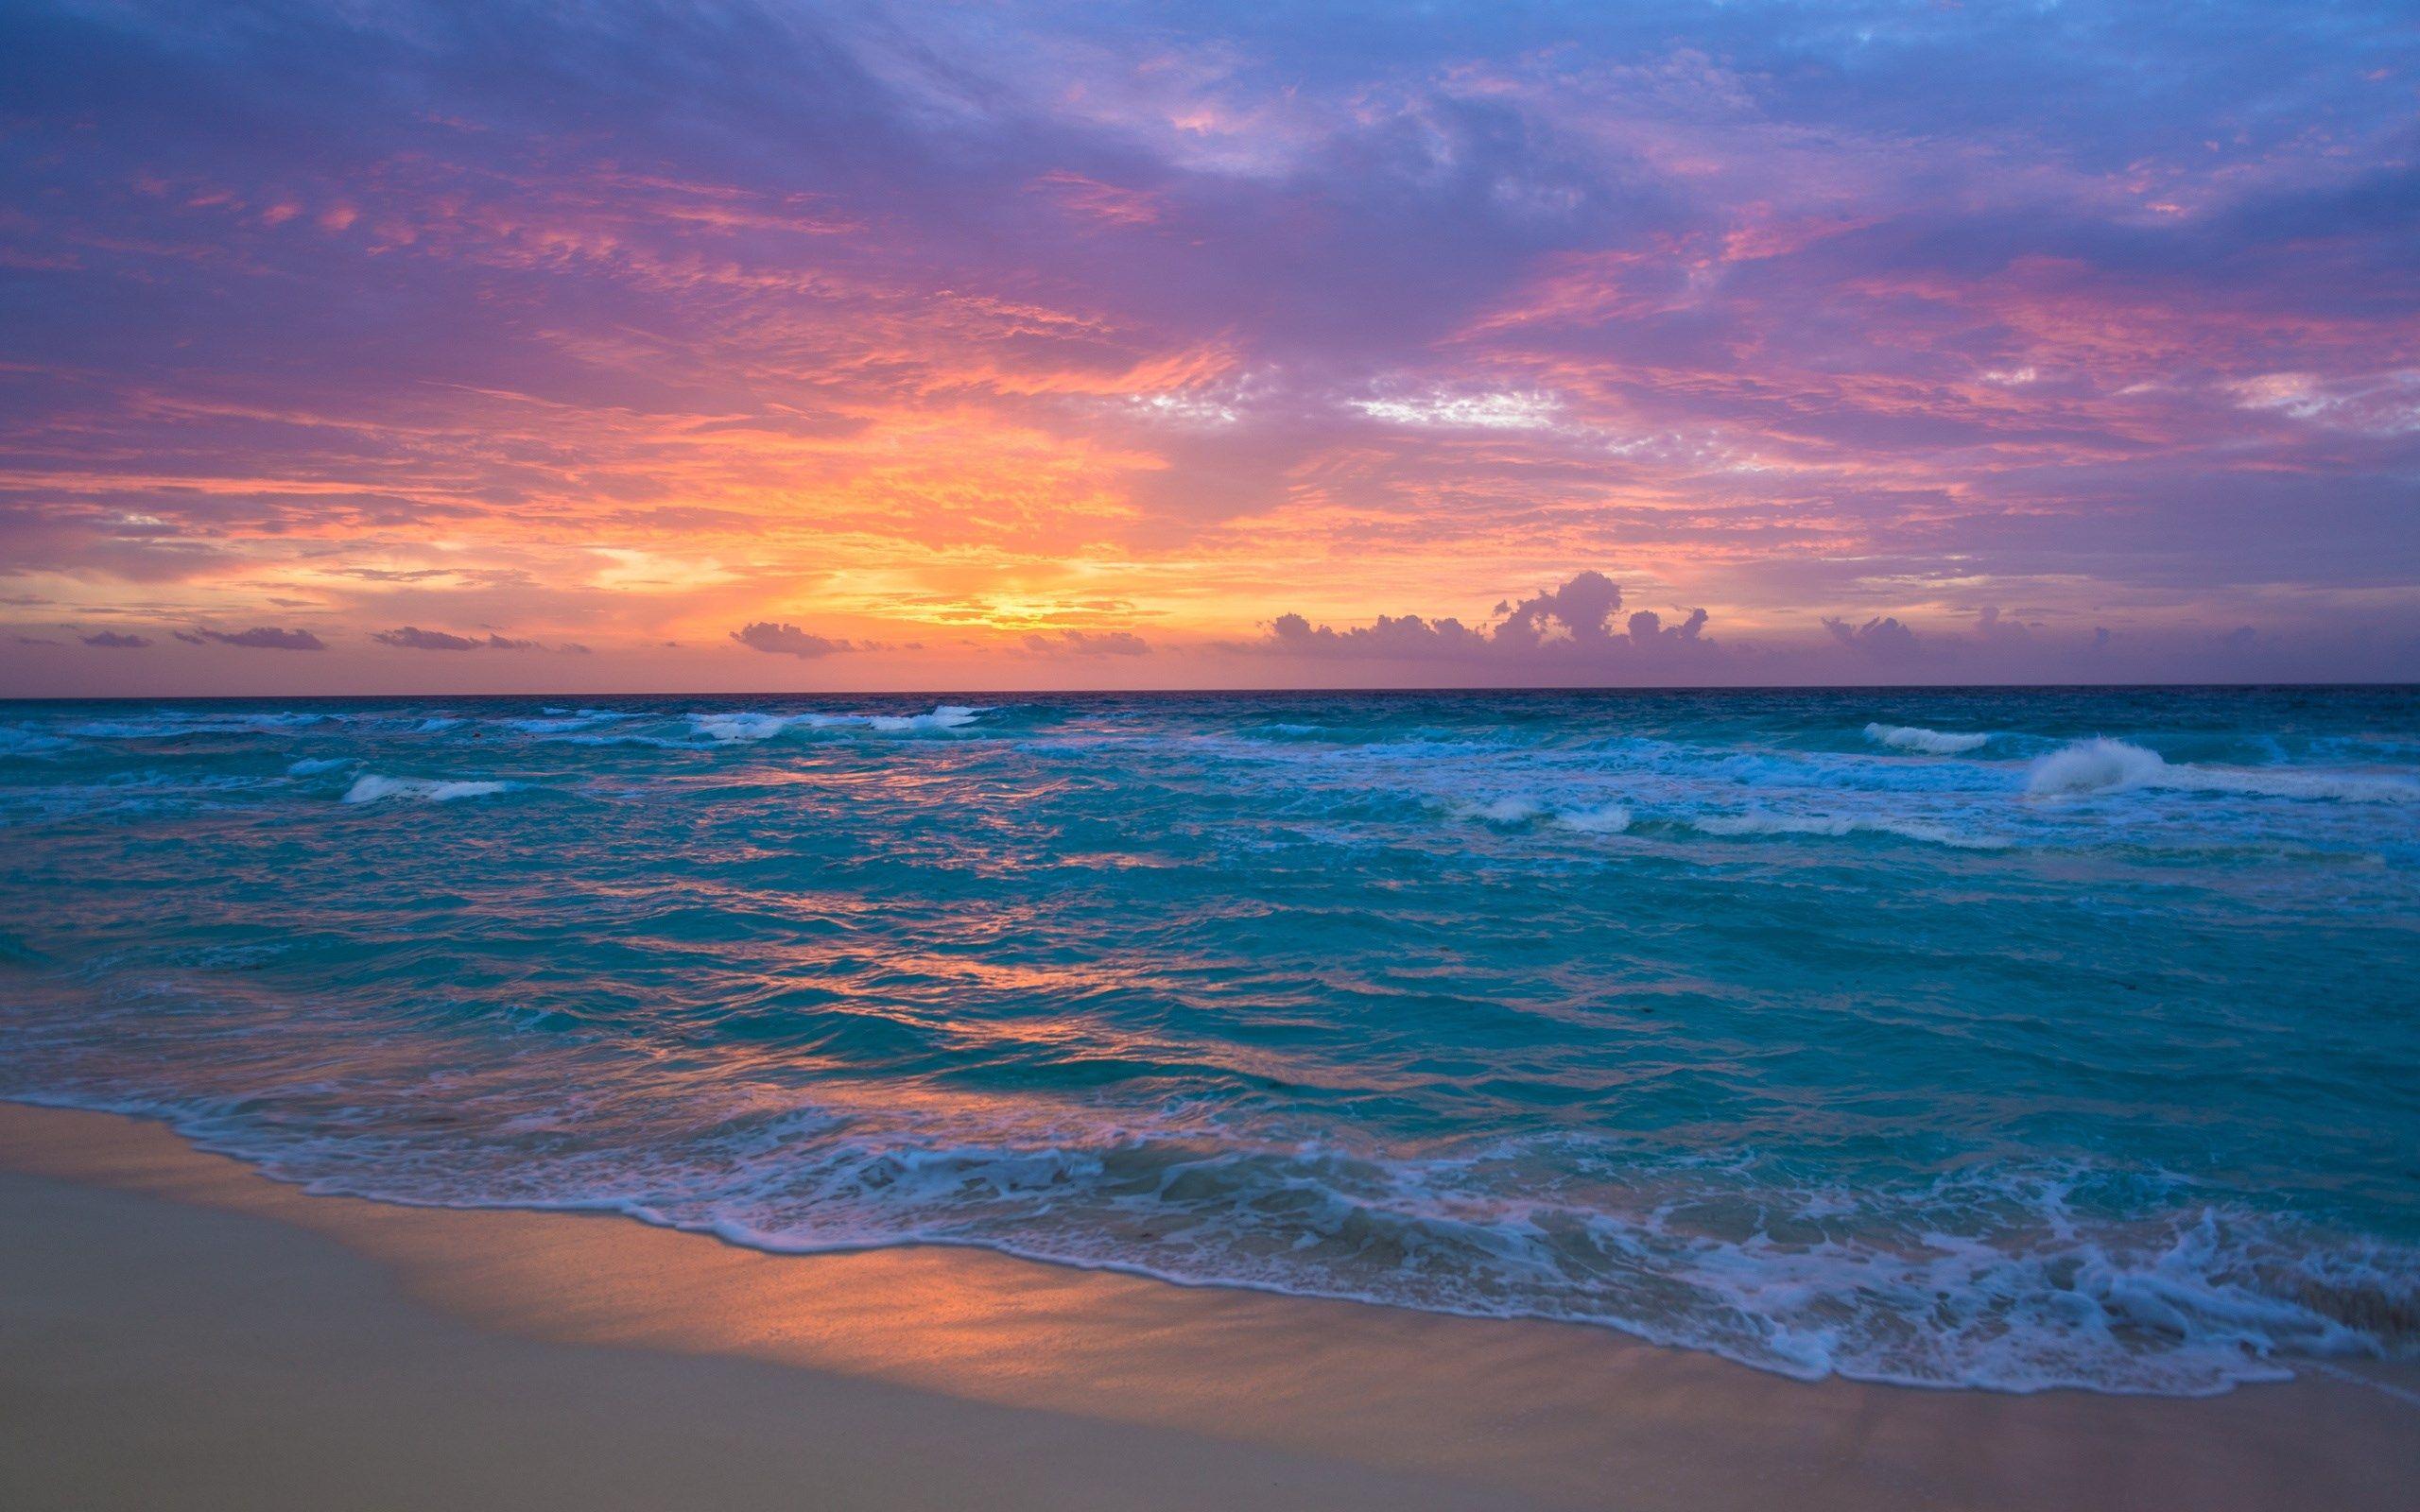 Hd Widescreen Ocean Wallpaper 2560x1600 568 Kb Beach Wallpaper Ocean Wallpaper Sunset Wallpaper